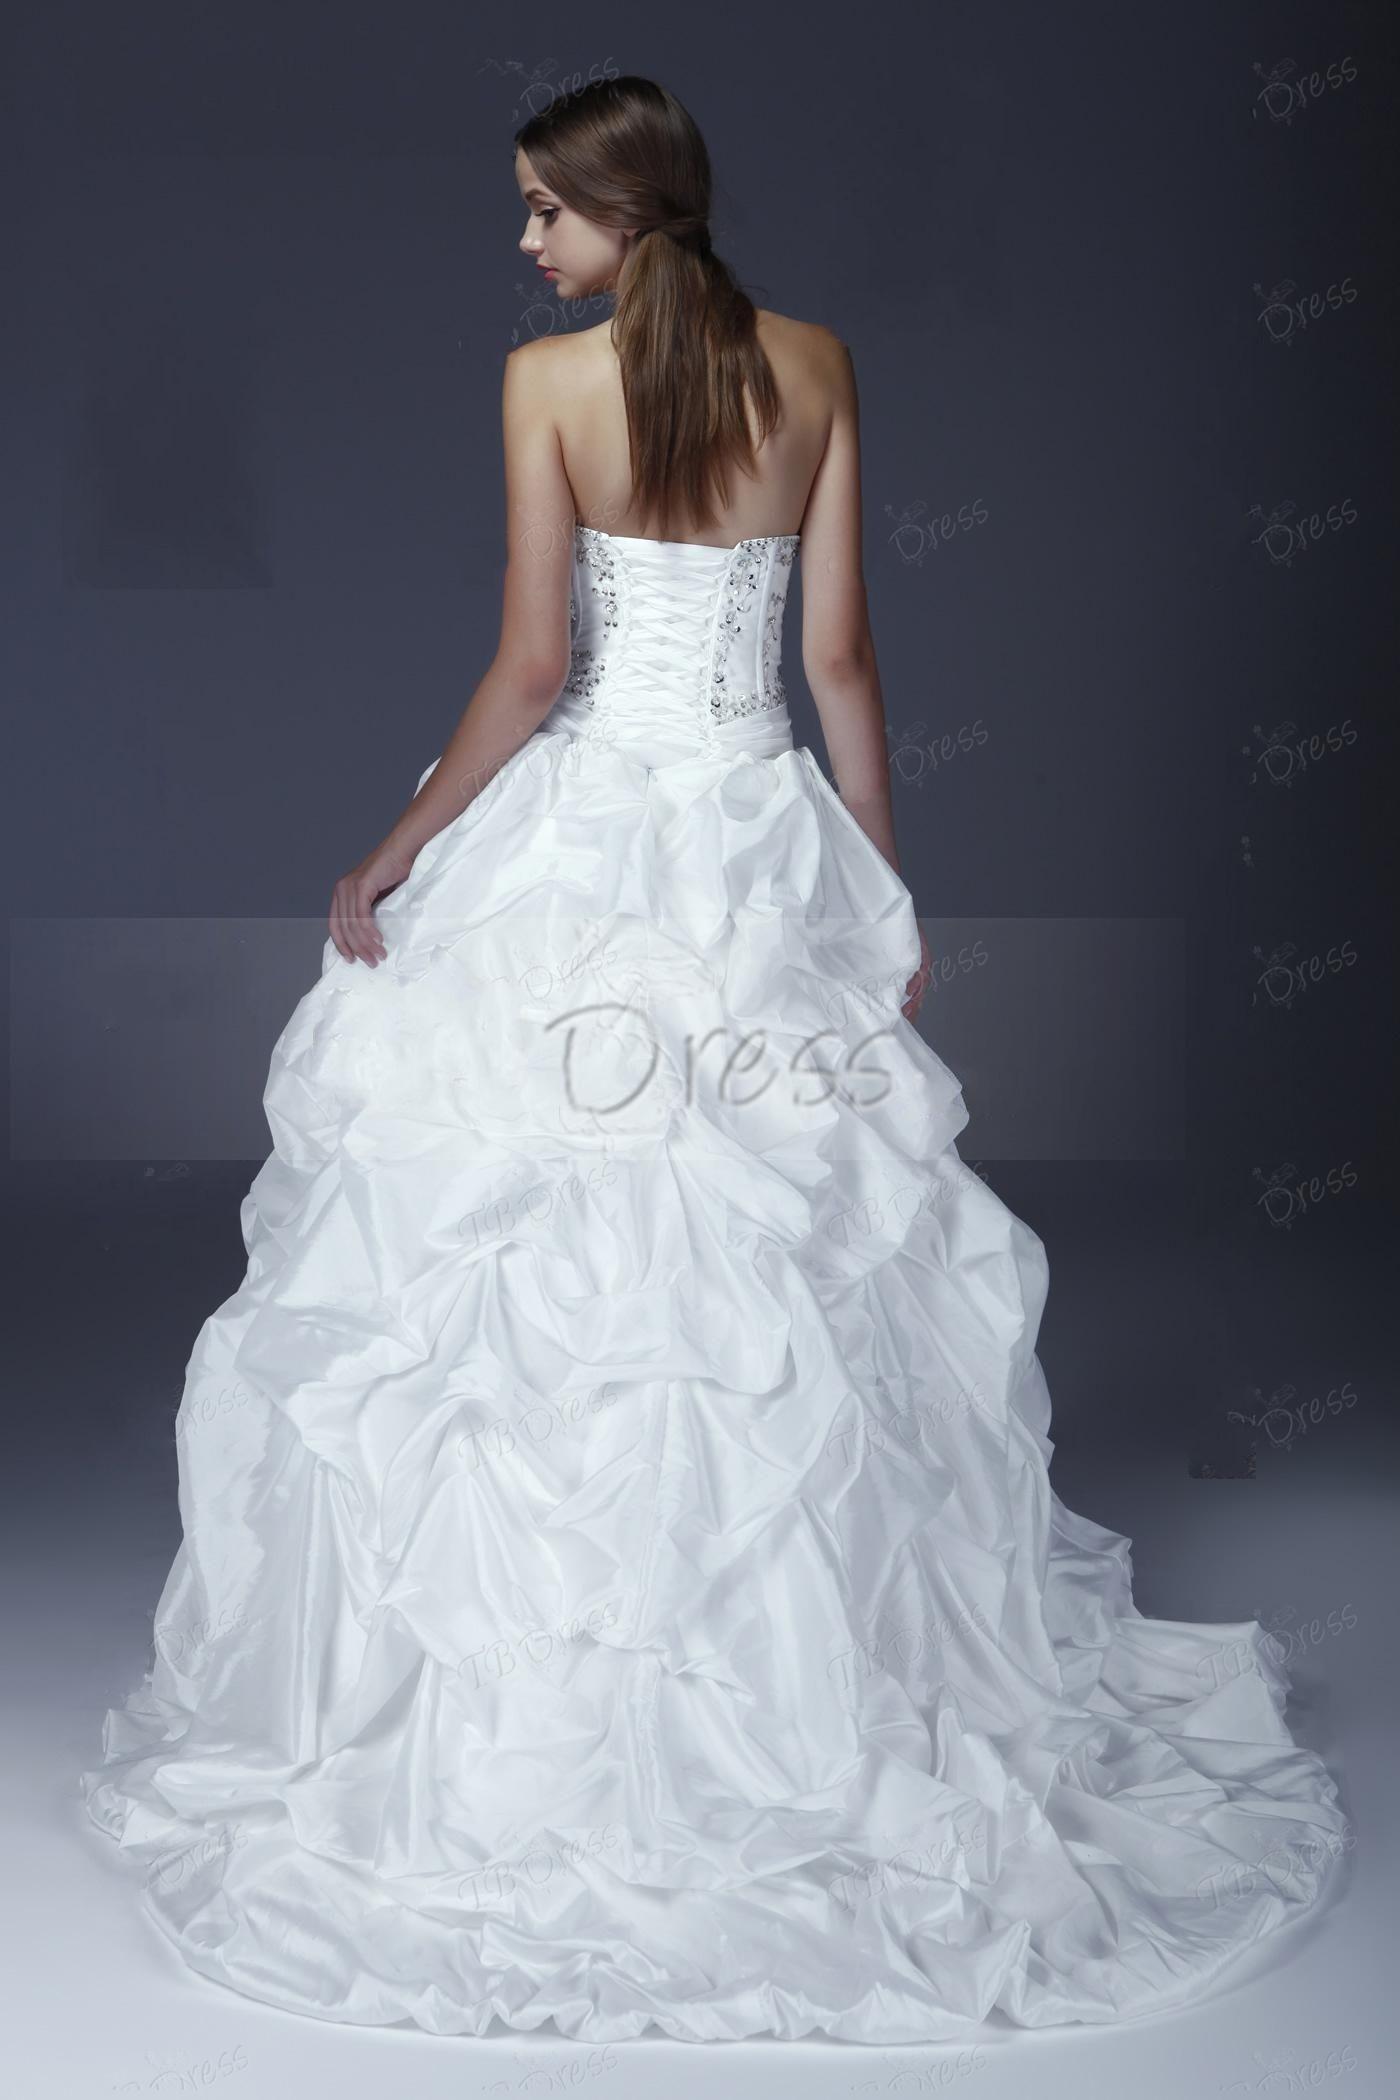 2013 robe de mariée élégante robe de bal élégant chérie sans manches Ruffling Aleksander